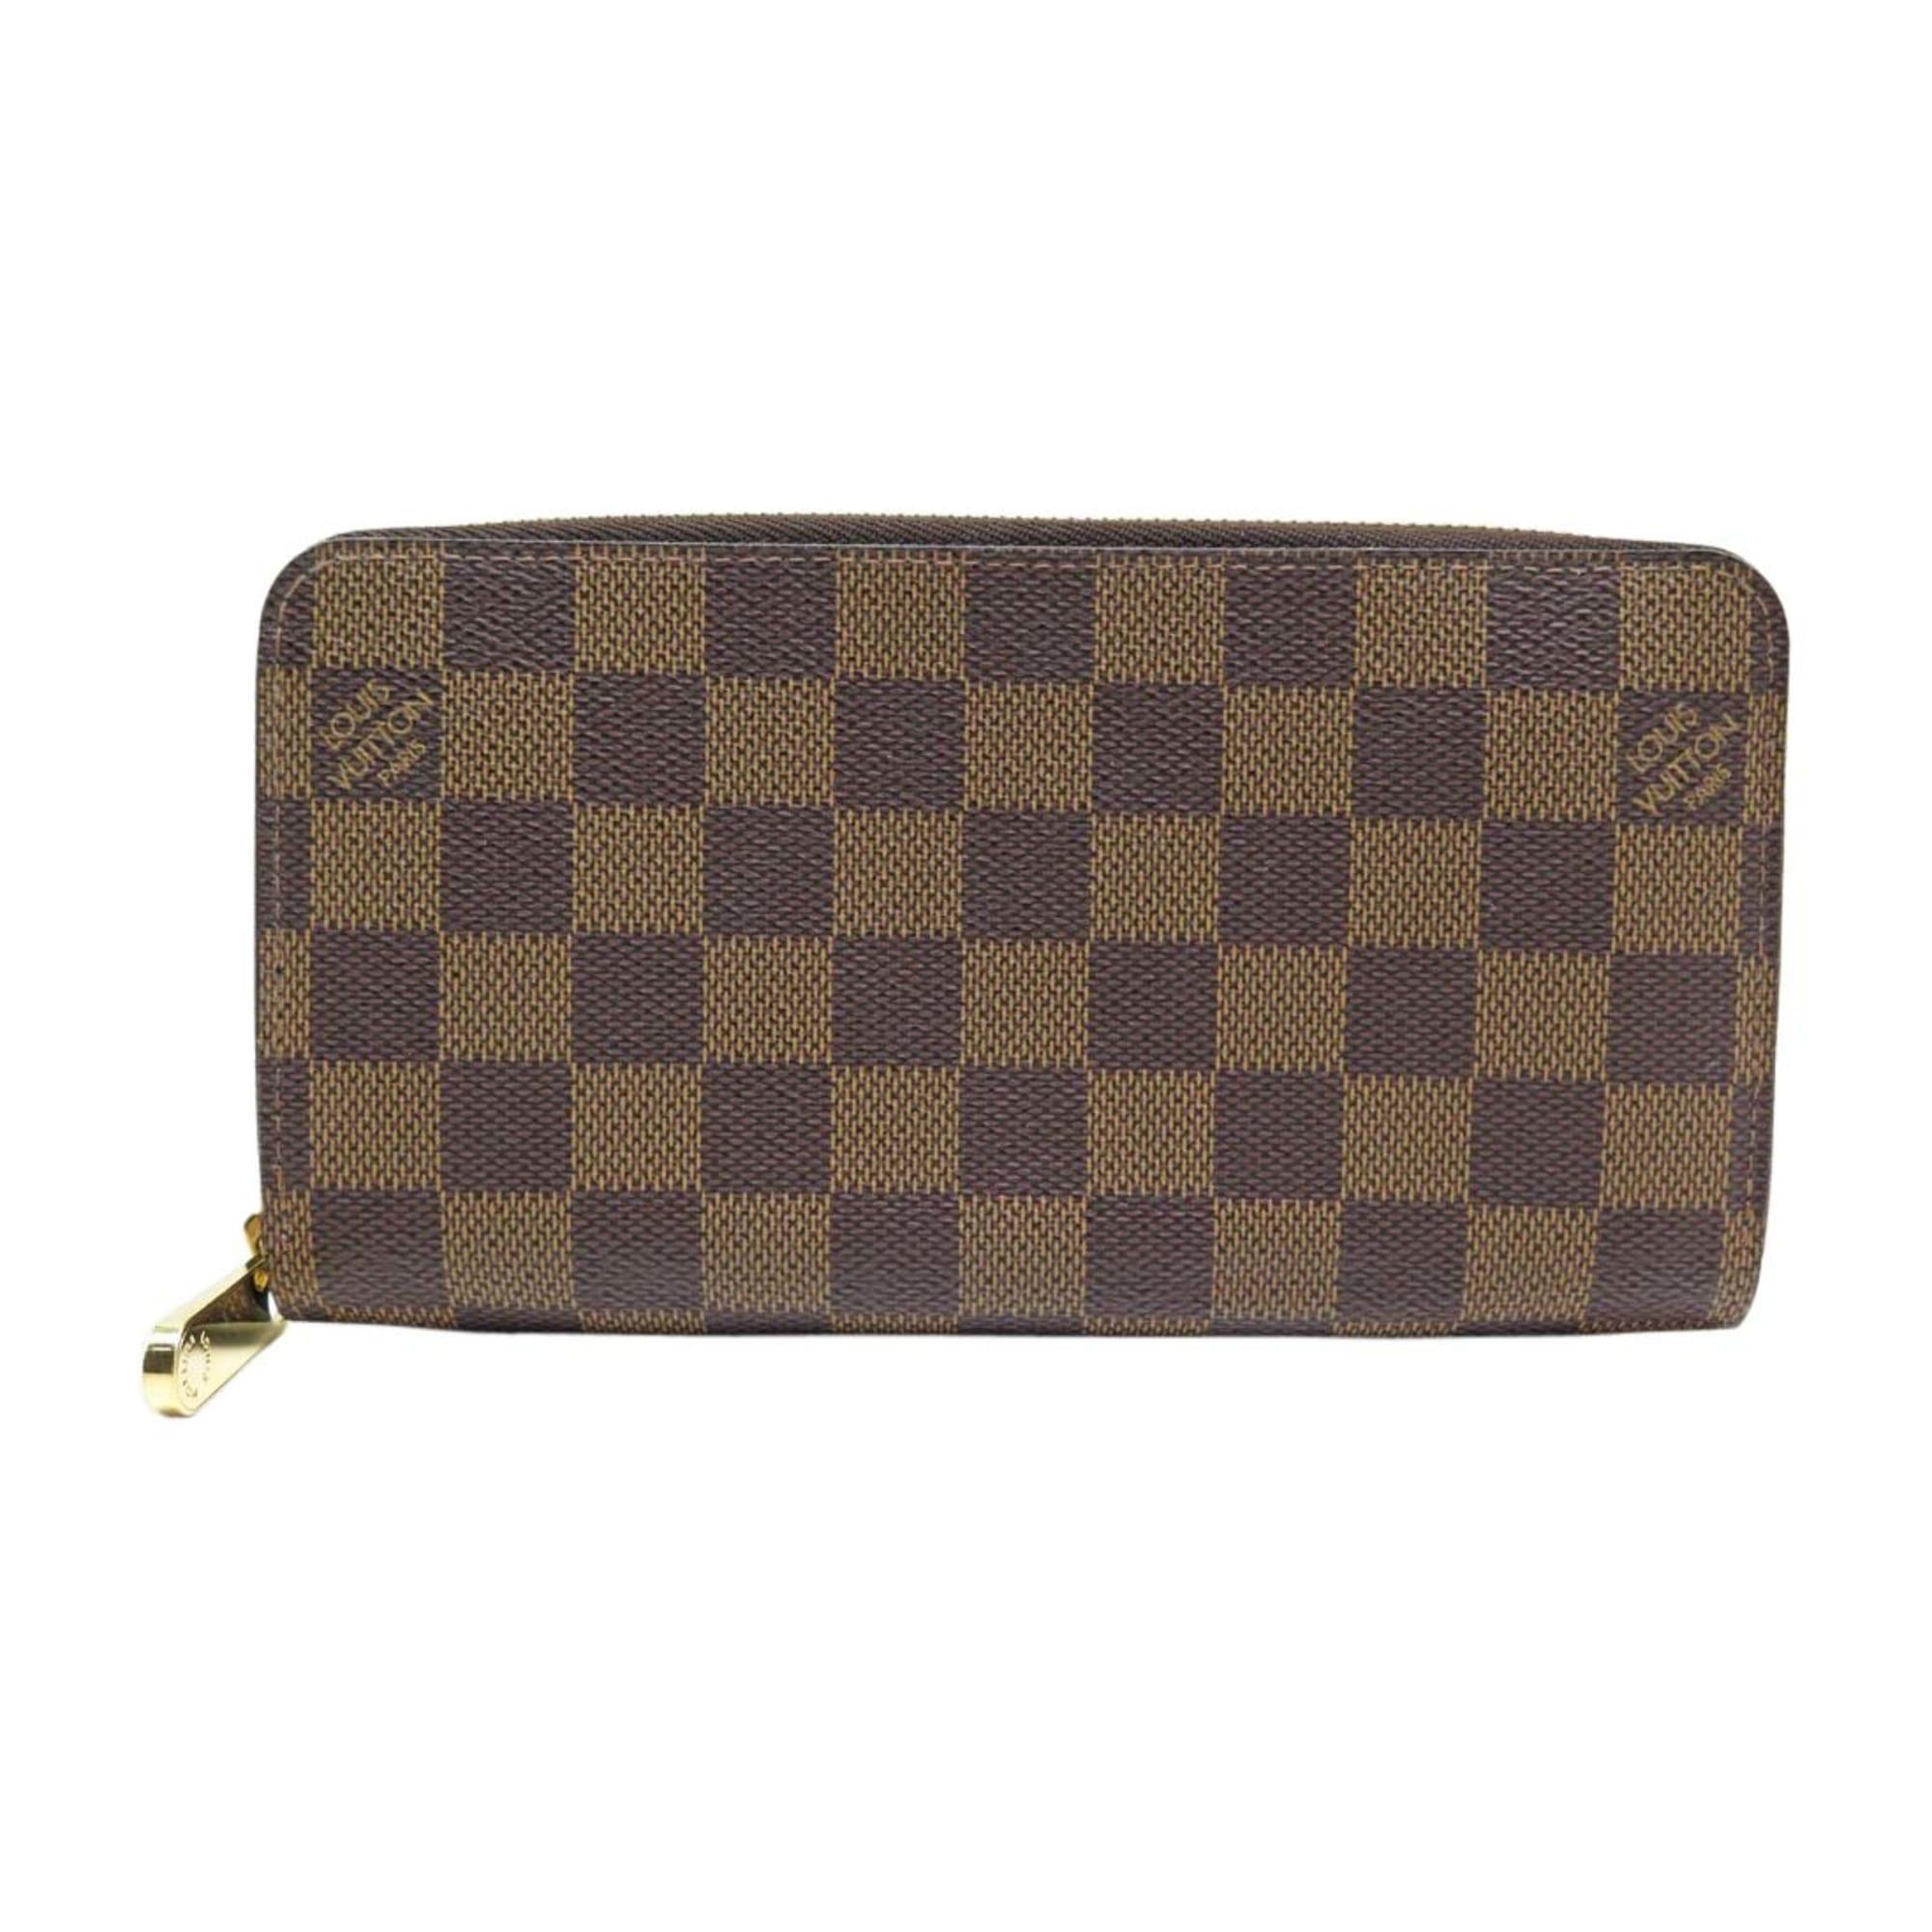 Portefeuille LOUIS VUITTON zippy marron vendu par Encherexpert ... 63e2db2f152